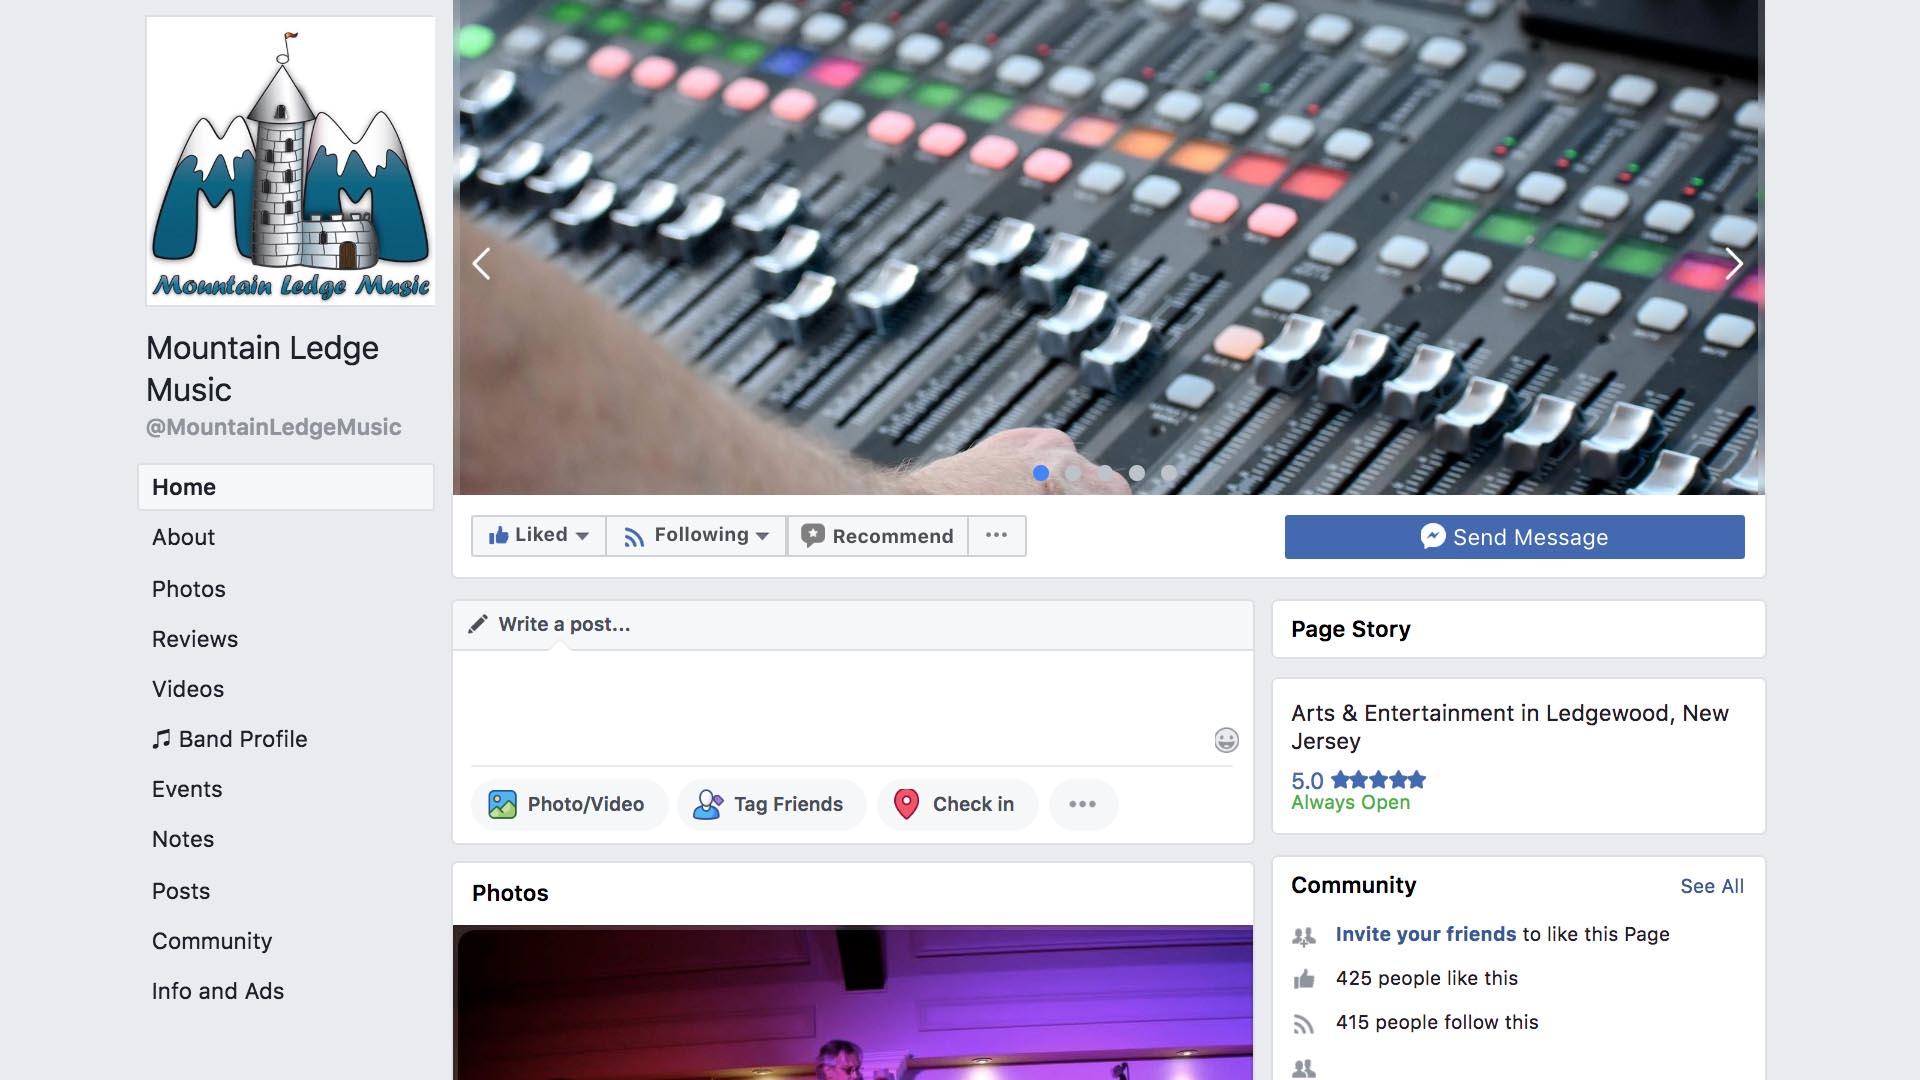 www.facebook.com/MountainLedgeMusic